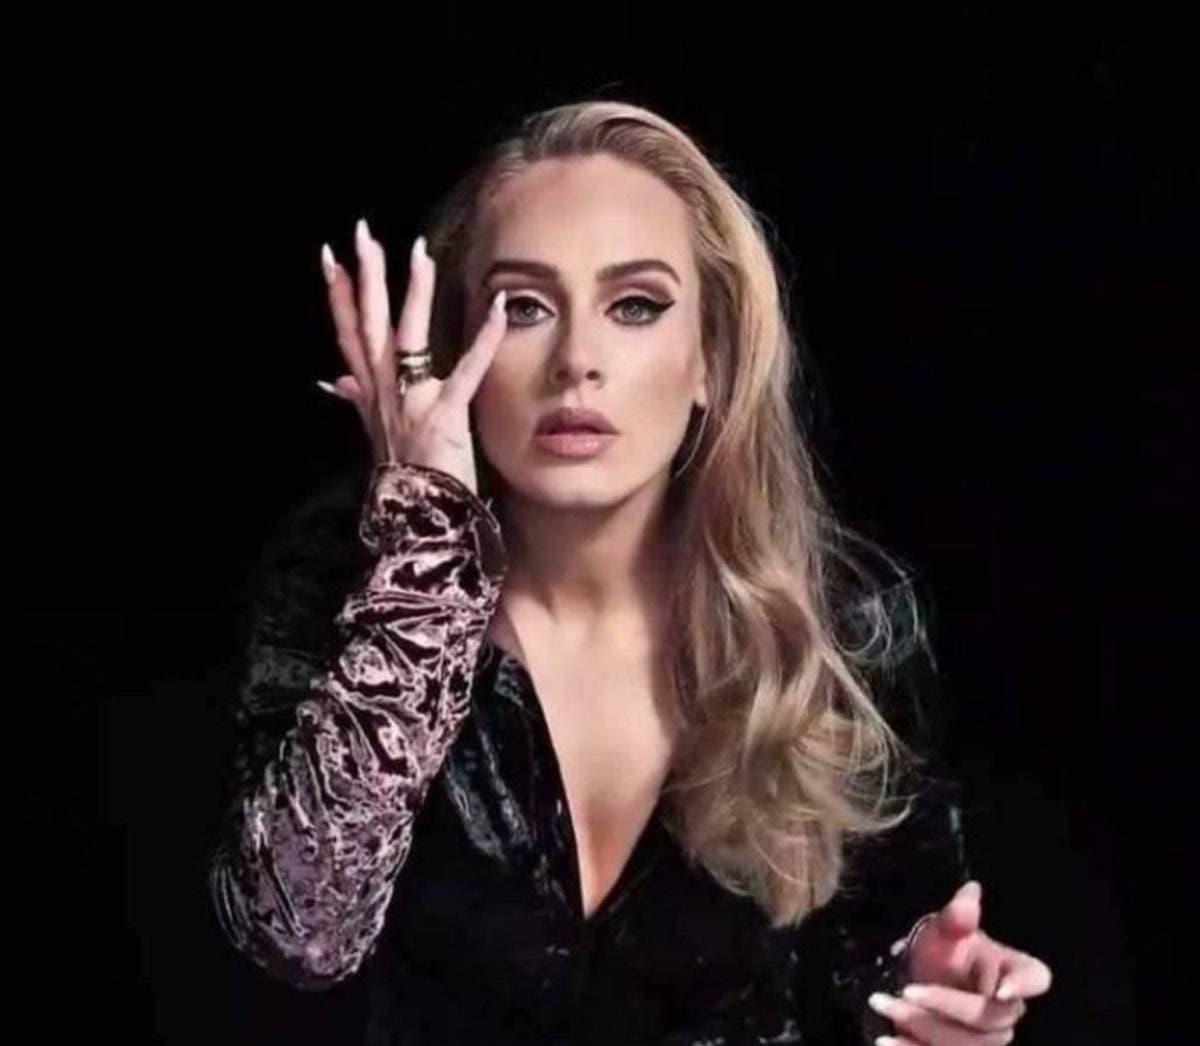 Cómo fueron los dos años en el infierno de Adele